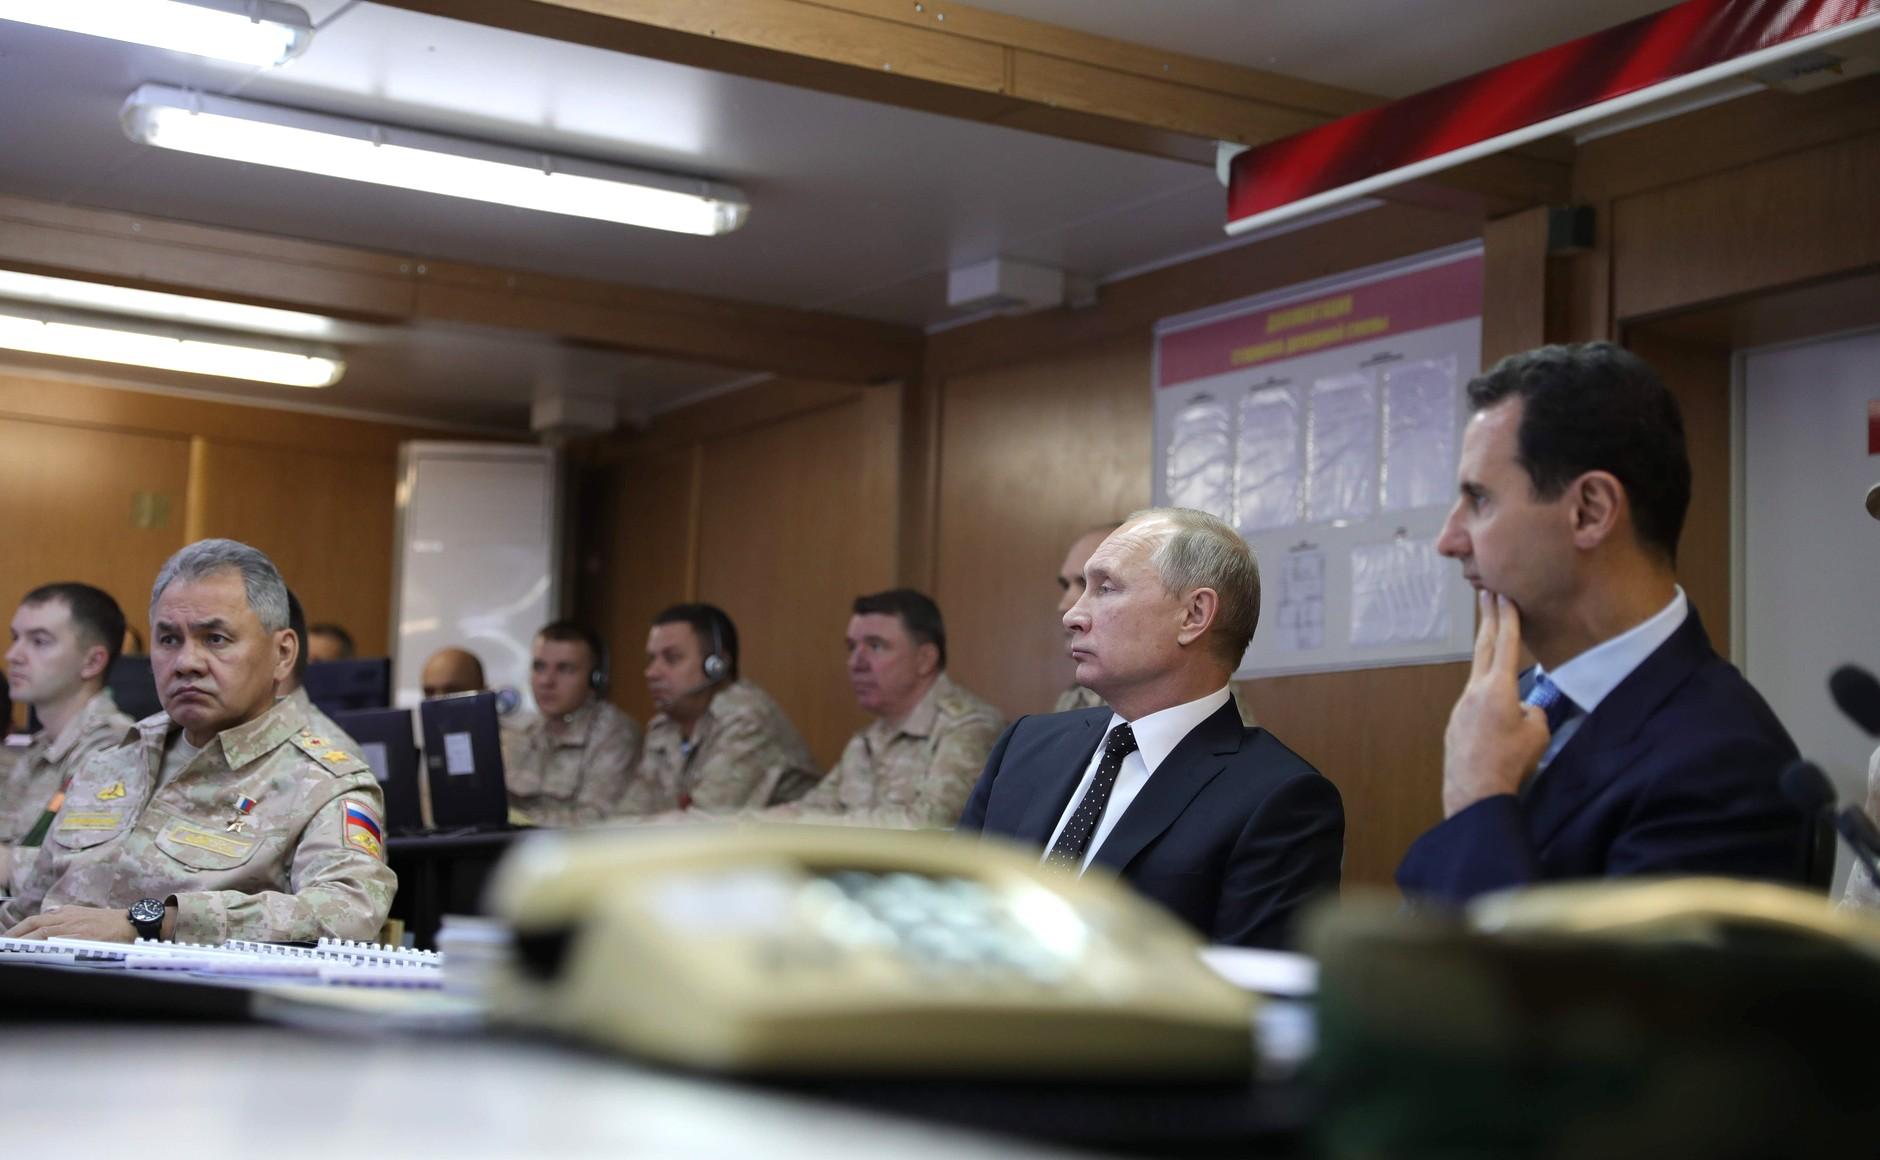 جزئیات جدیدی از برنامه خروج نیروهای روسیه از سوریه/واکنش پنتاگون به خروج نیروهای روس از سوریه / بیش از 8 میلیون یمنی در یک قدمی قحطی/ قدس در قلب ملک سلمان و ولیعهد قرار دارد!